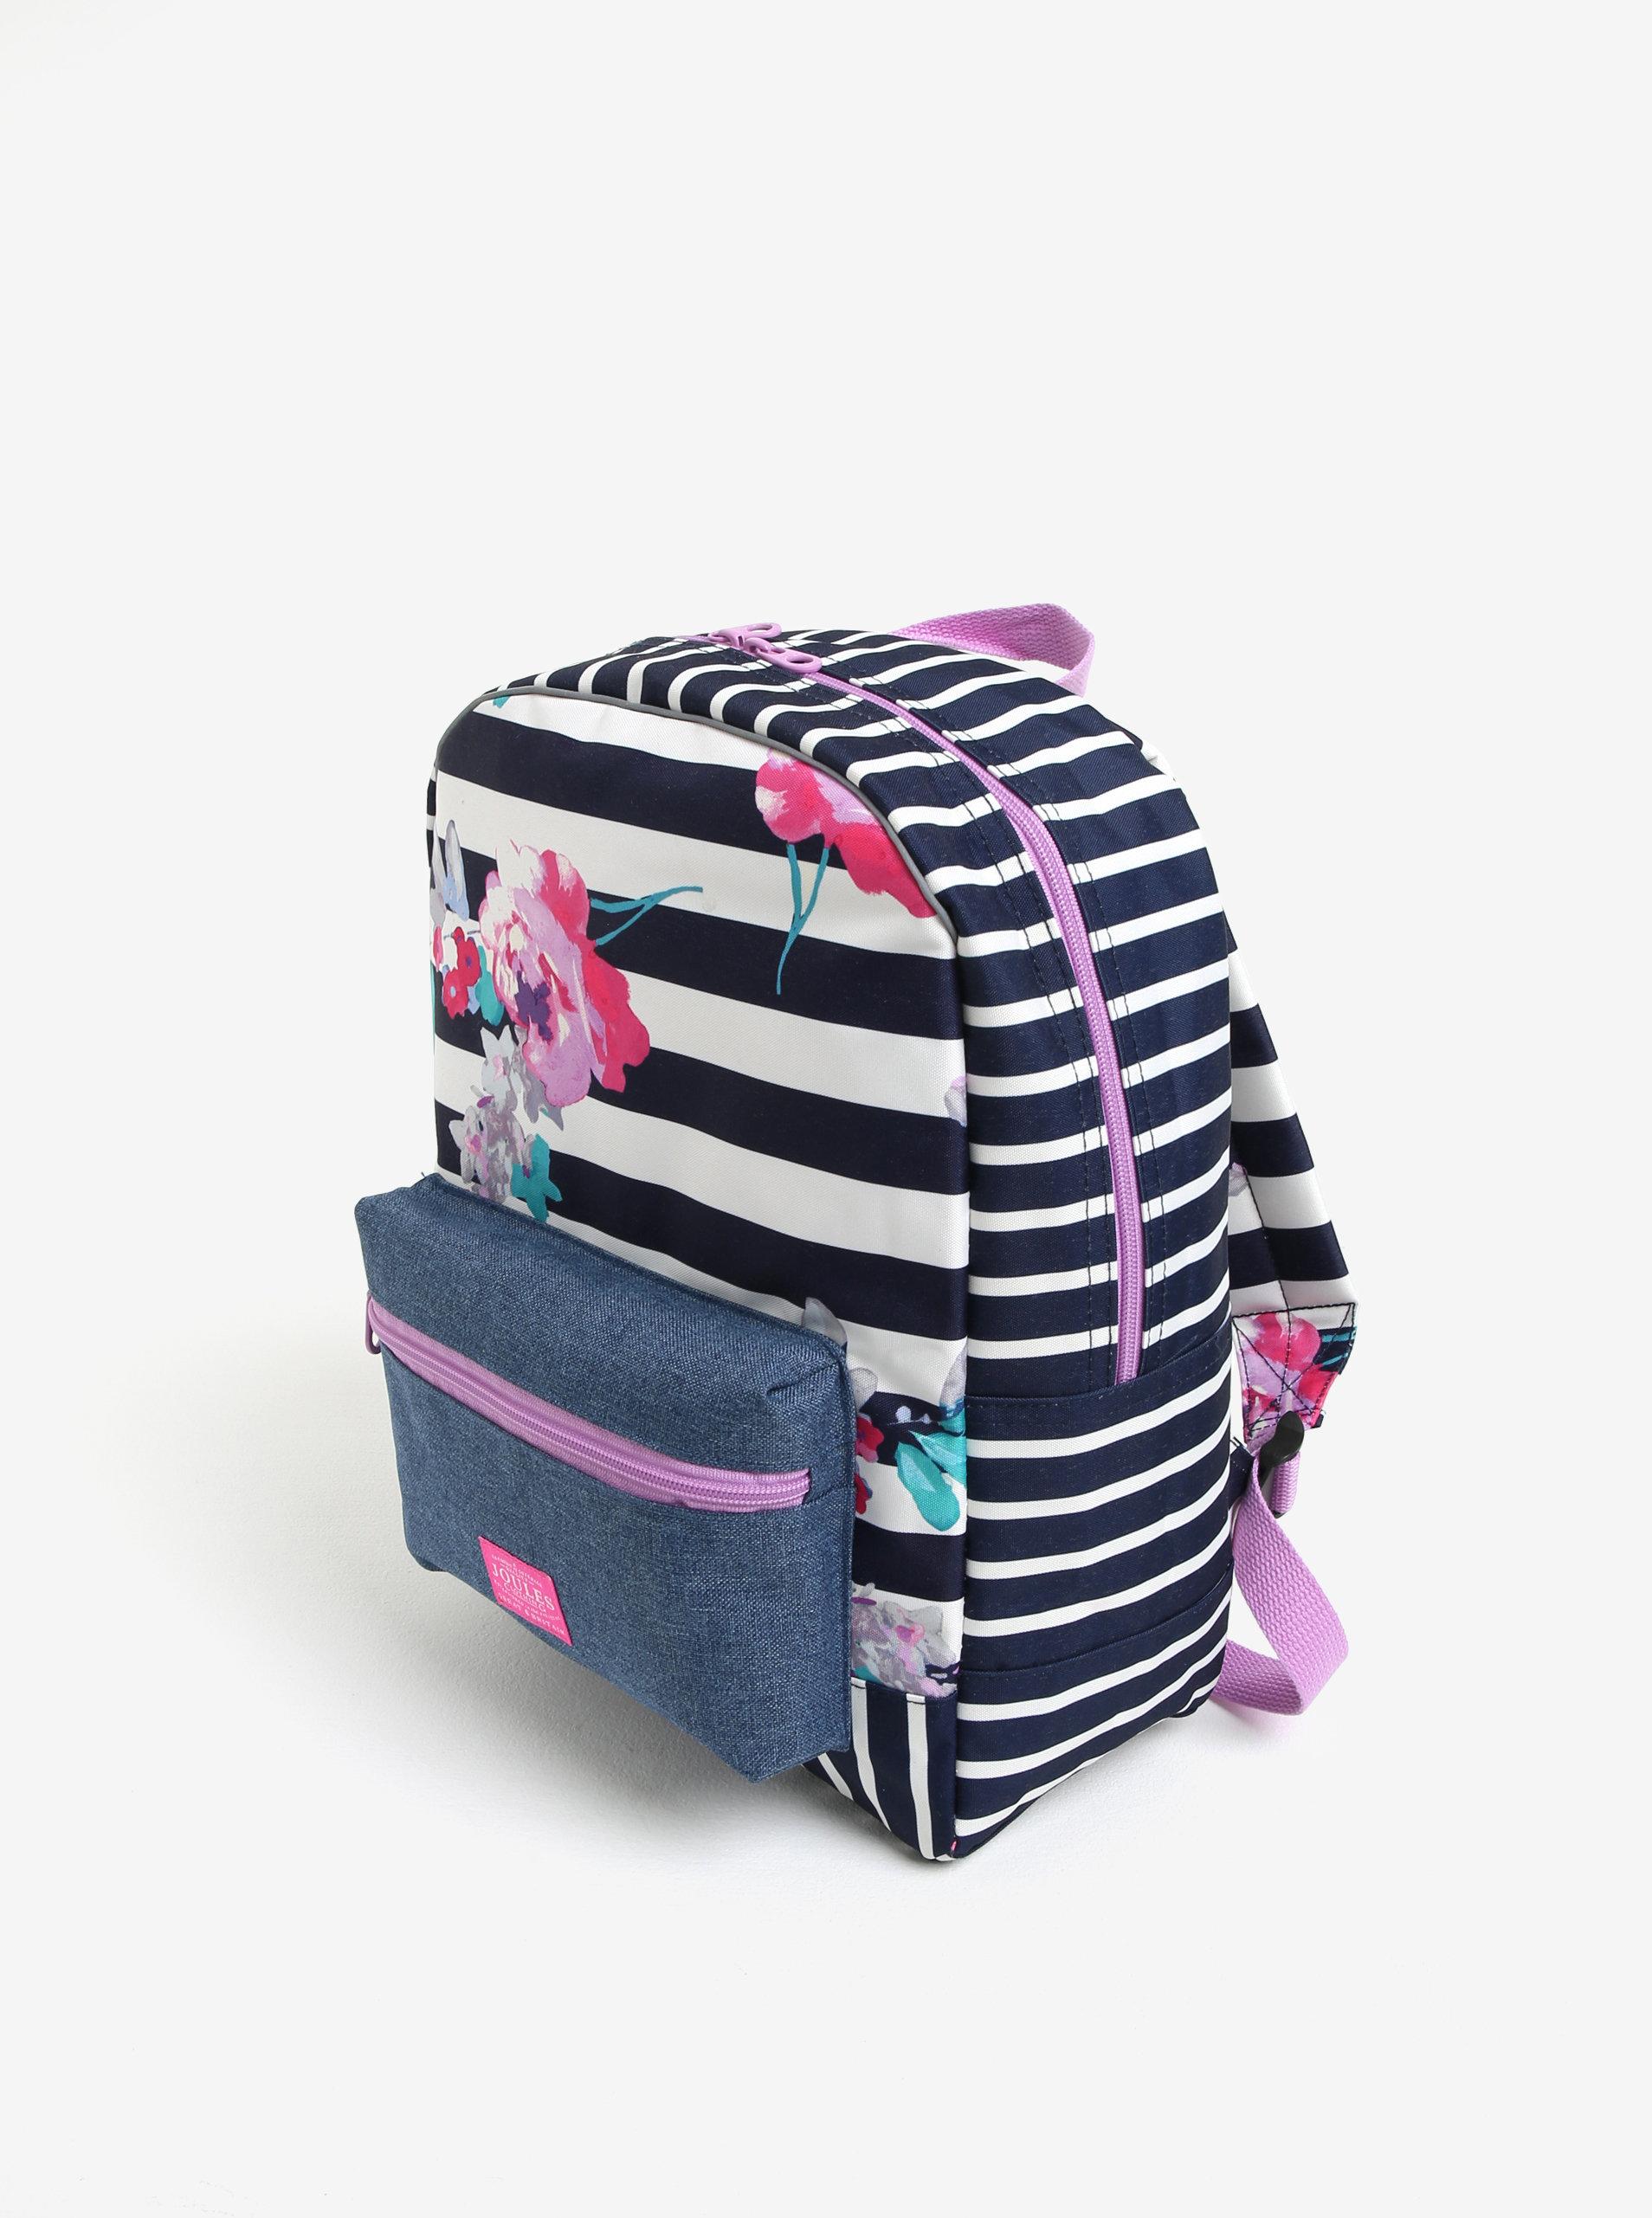 Modro-bílý holčičí pruhovaný batoh s potiskem Tom Joule ... 7dc1c1f8bb